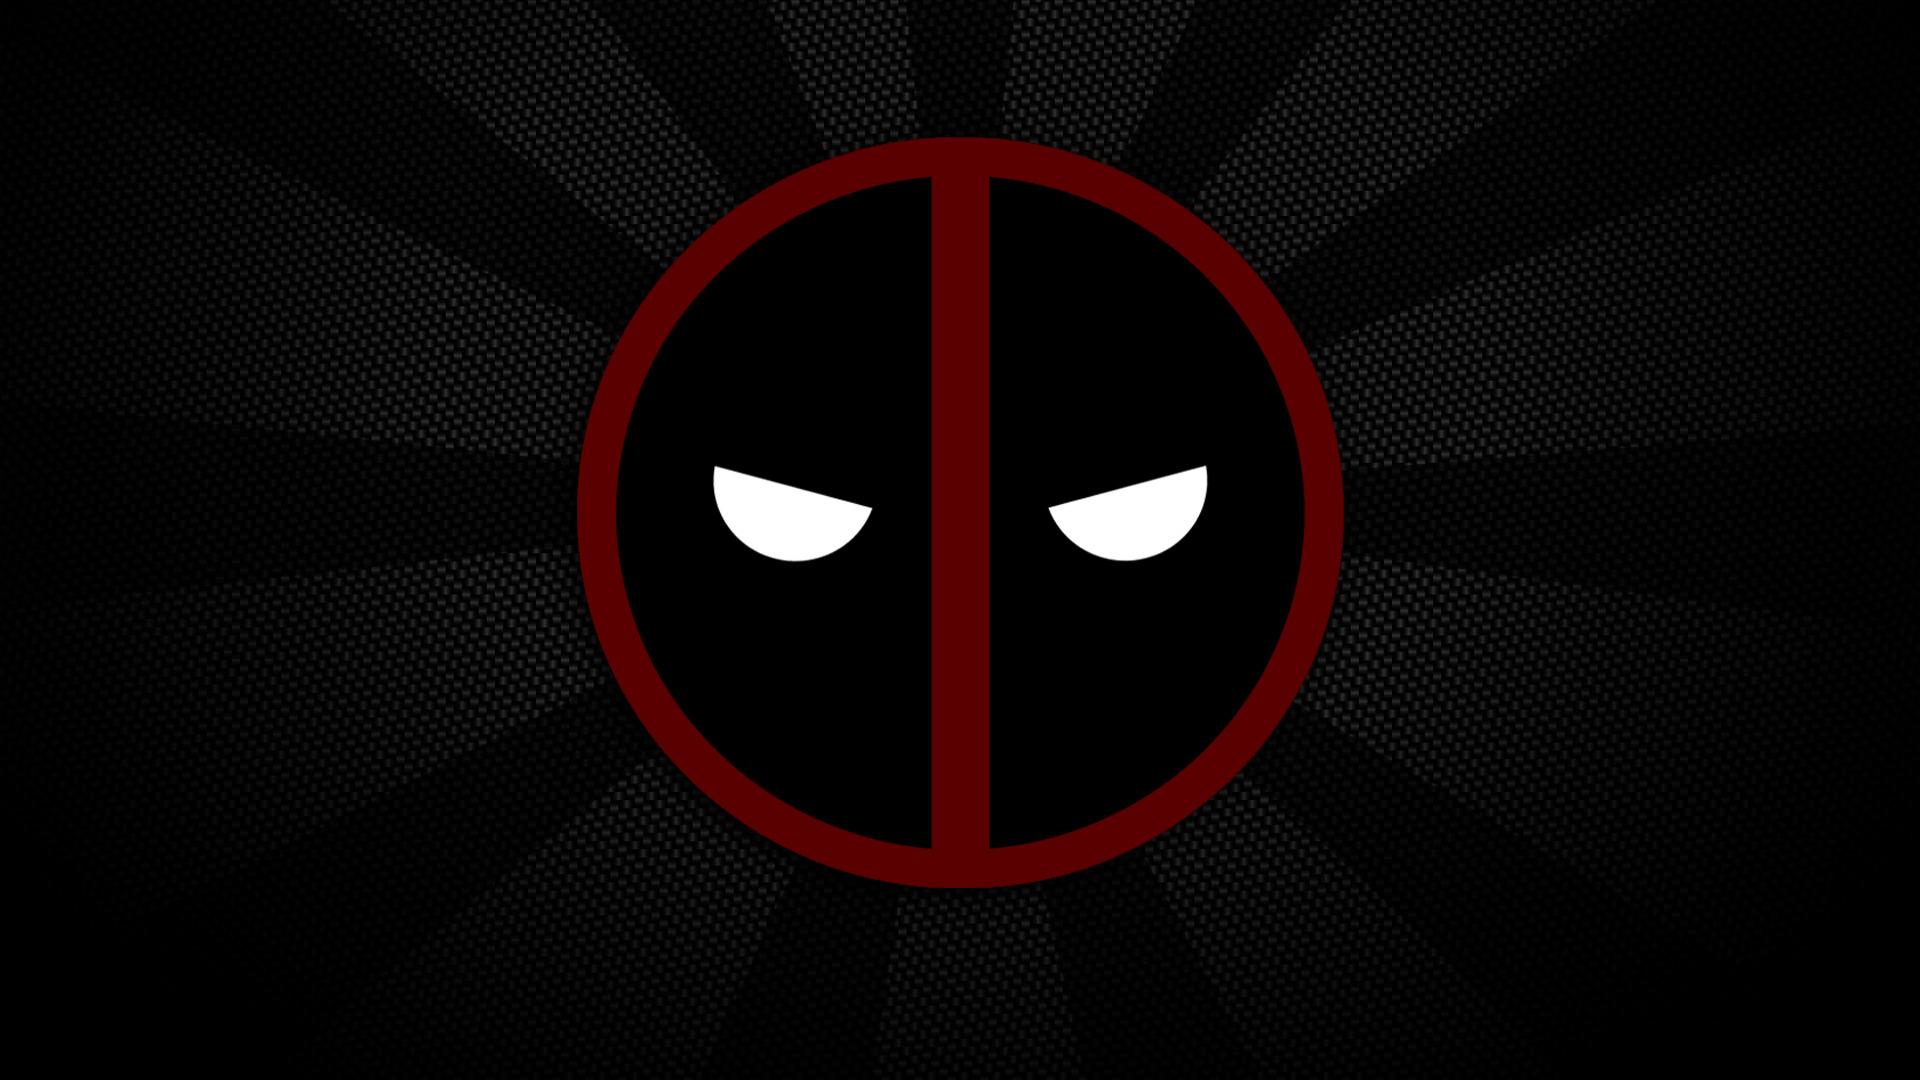 deadpool emblem wallpaper 22 - photo #10